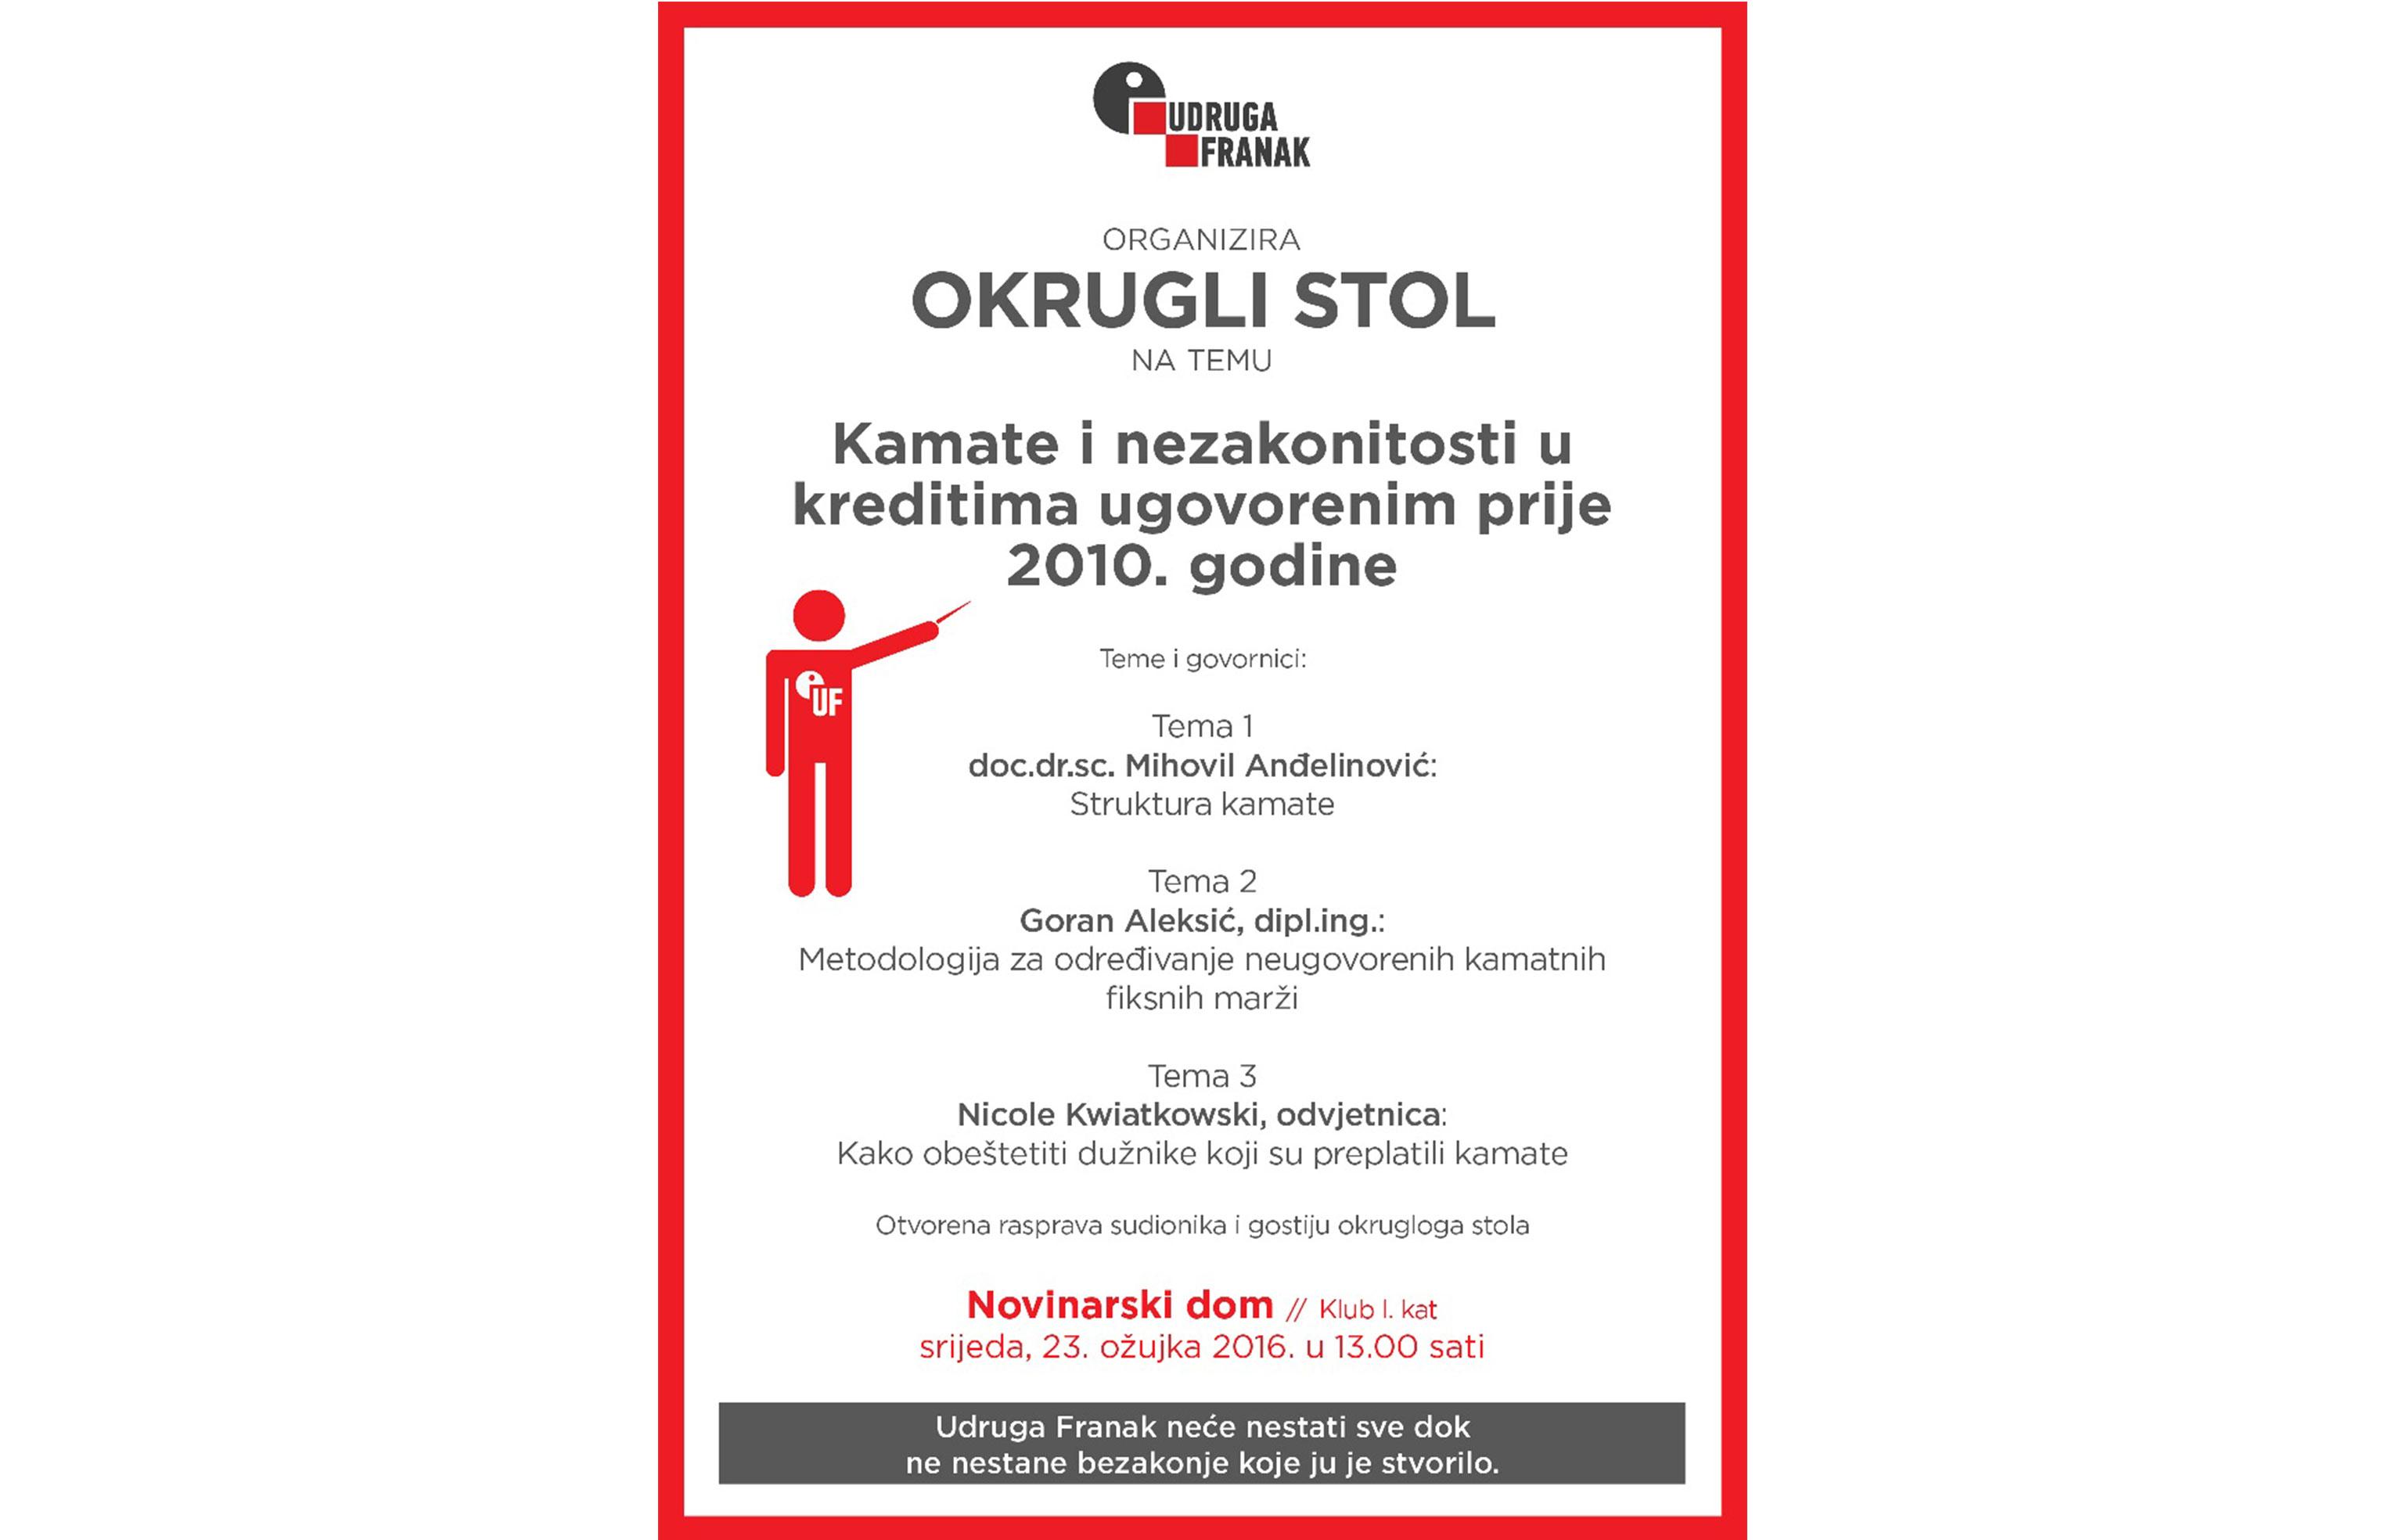 okrugli_stol